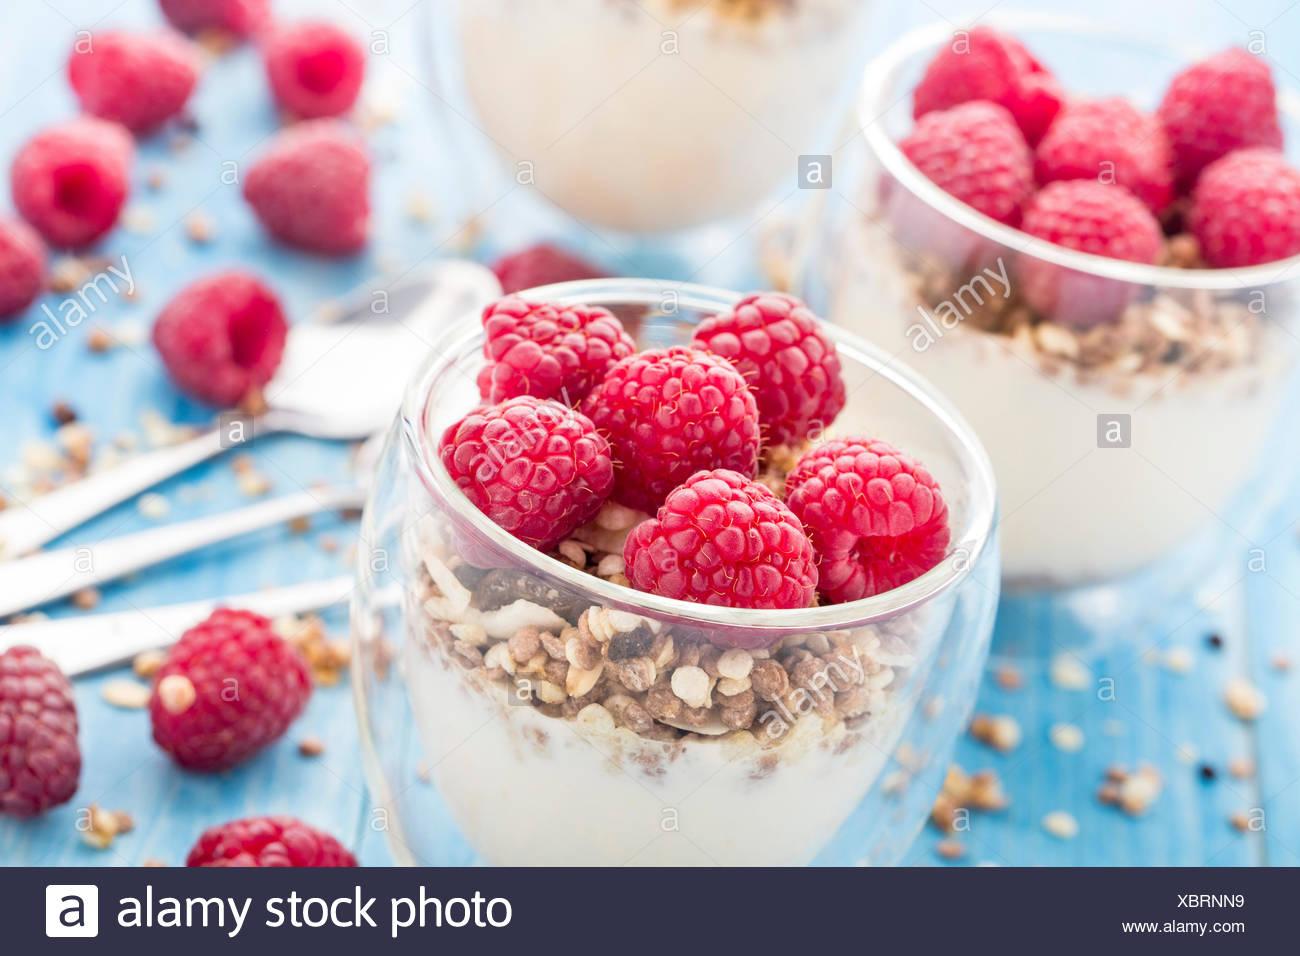 Desayuno con muesli, yogur y frambuesas frescas Imagen De Stock